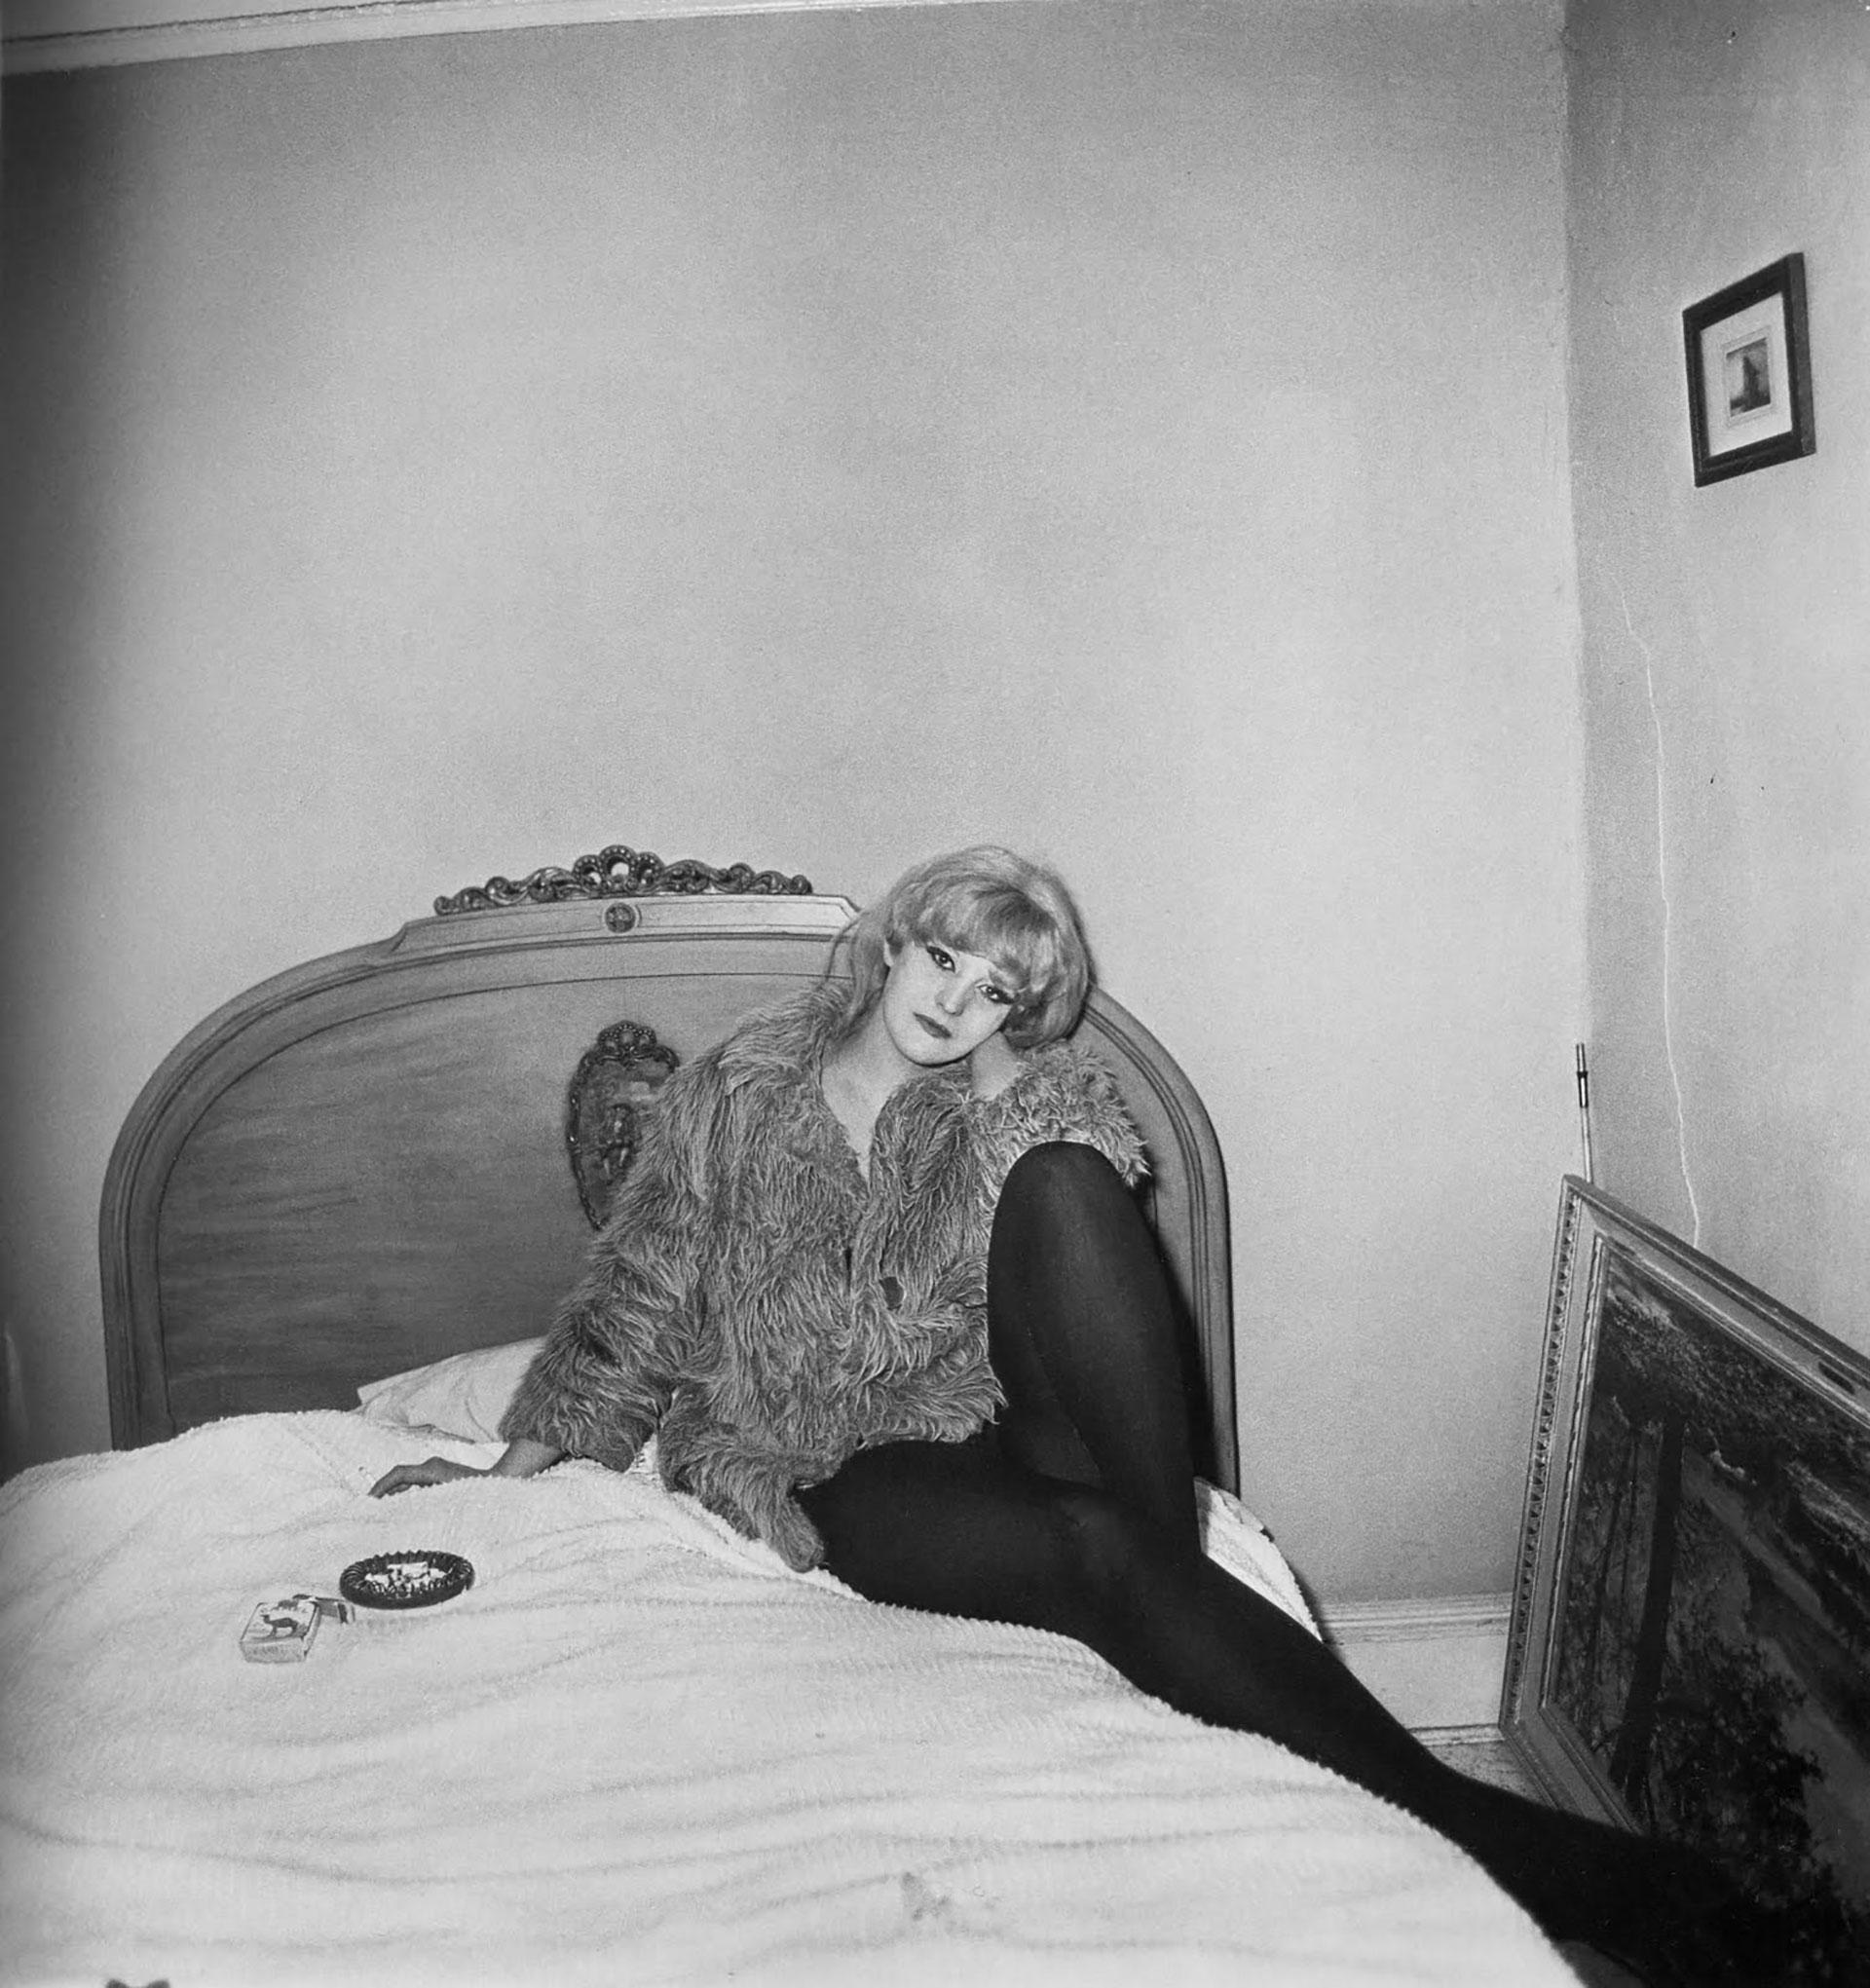 Una chica con abrigo en su cama de Nueva York, 1968.